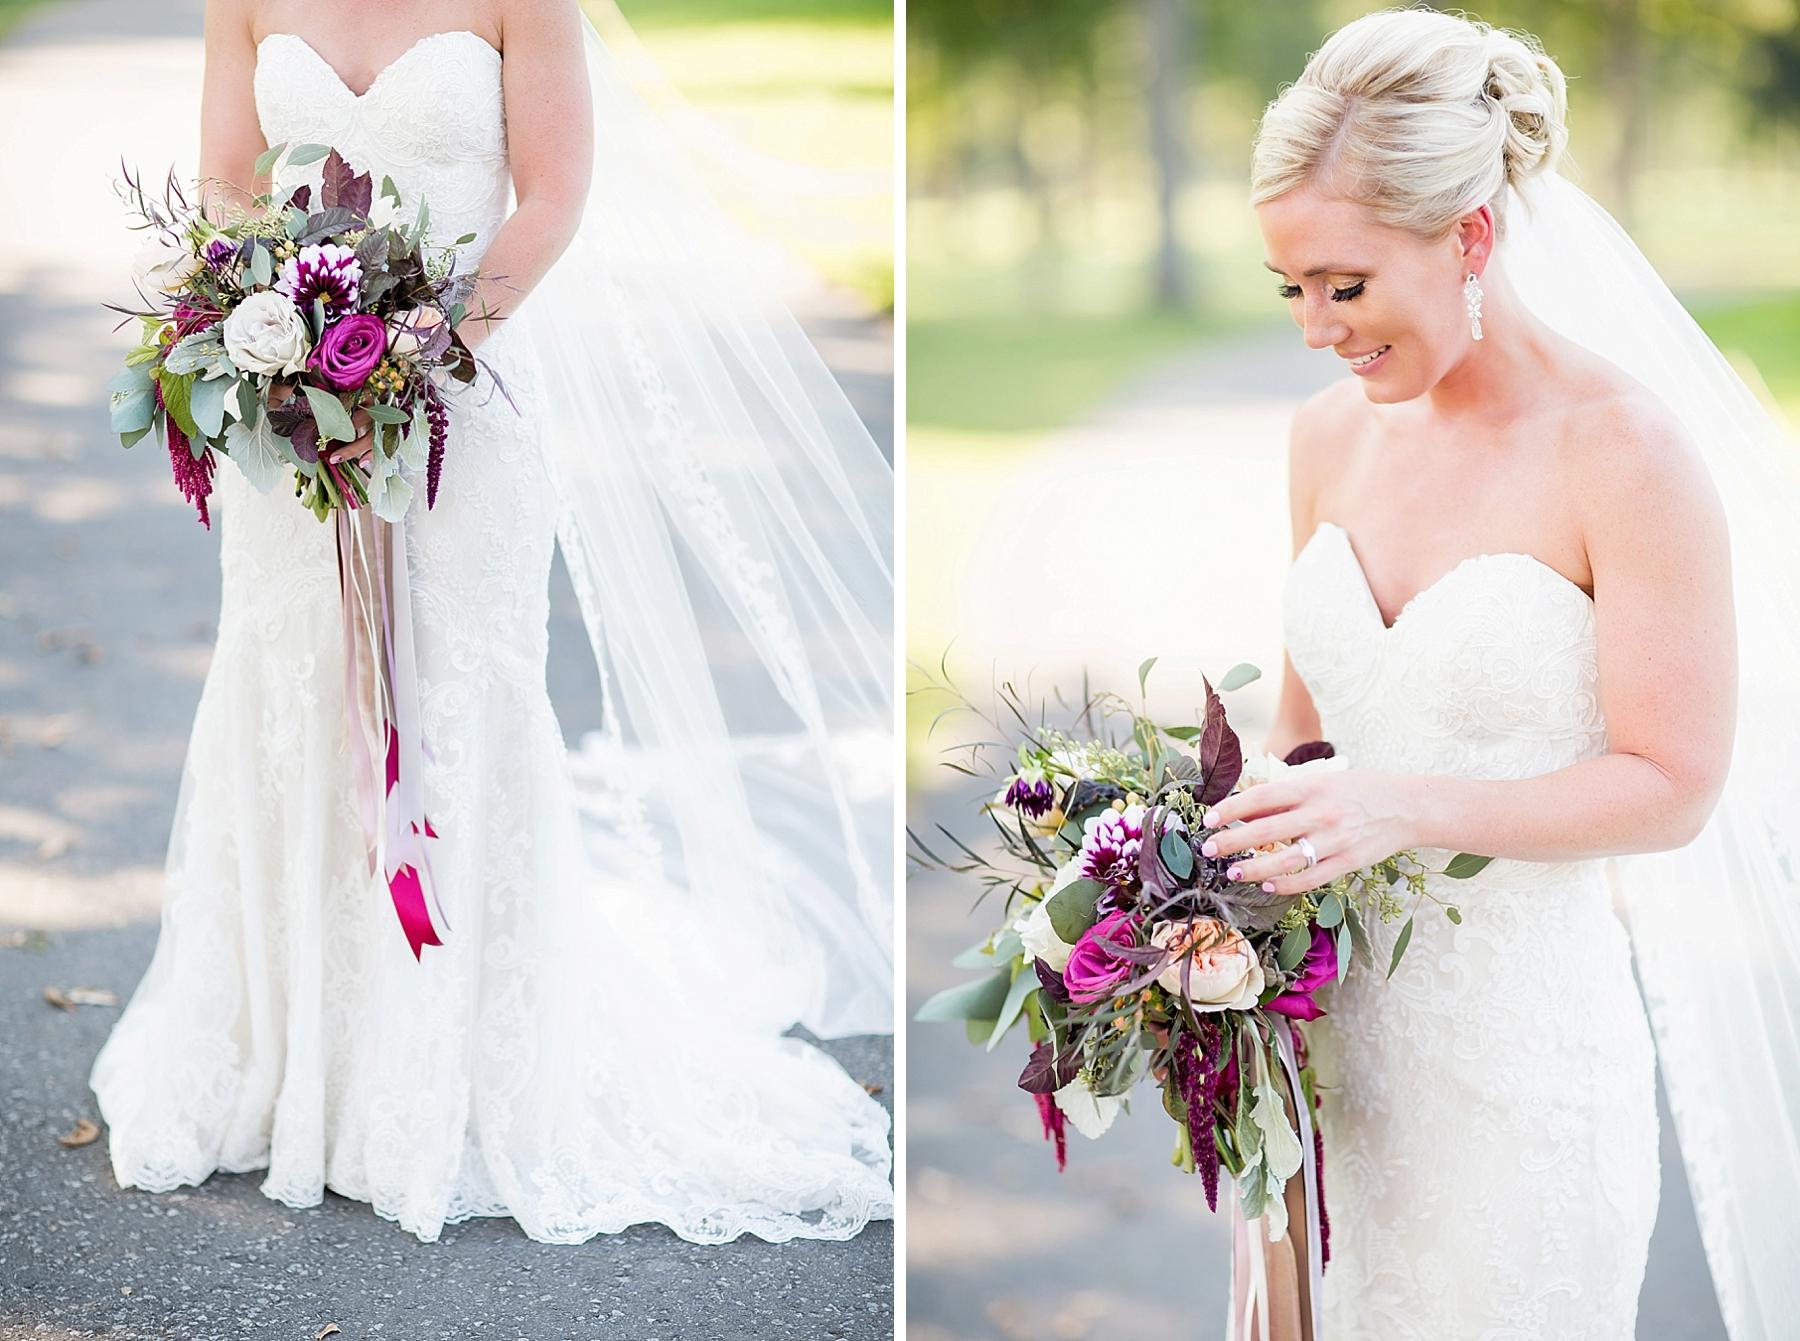 windsor-wedding-photographer-essex-golf-country-club-wedding-eryn-shea-photography_0044.jpg